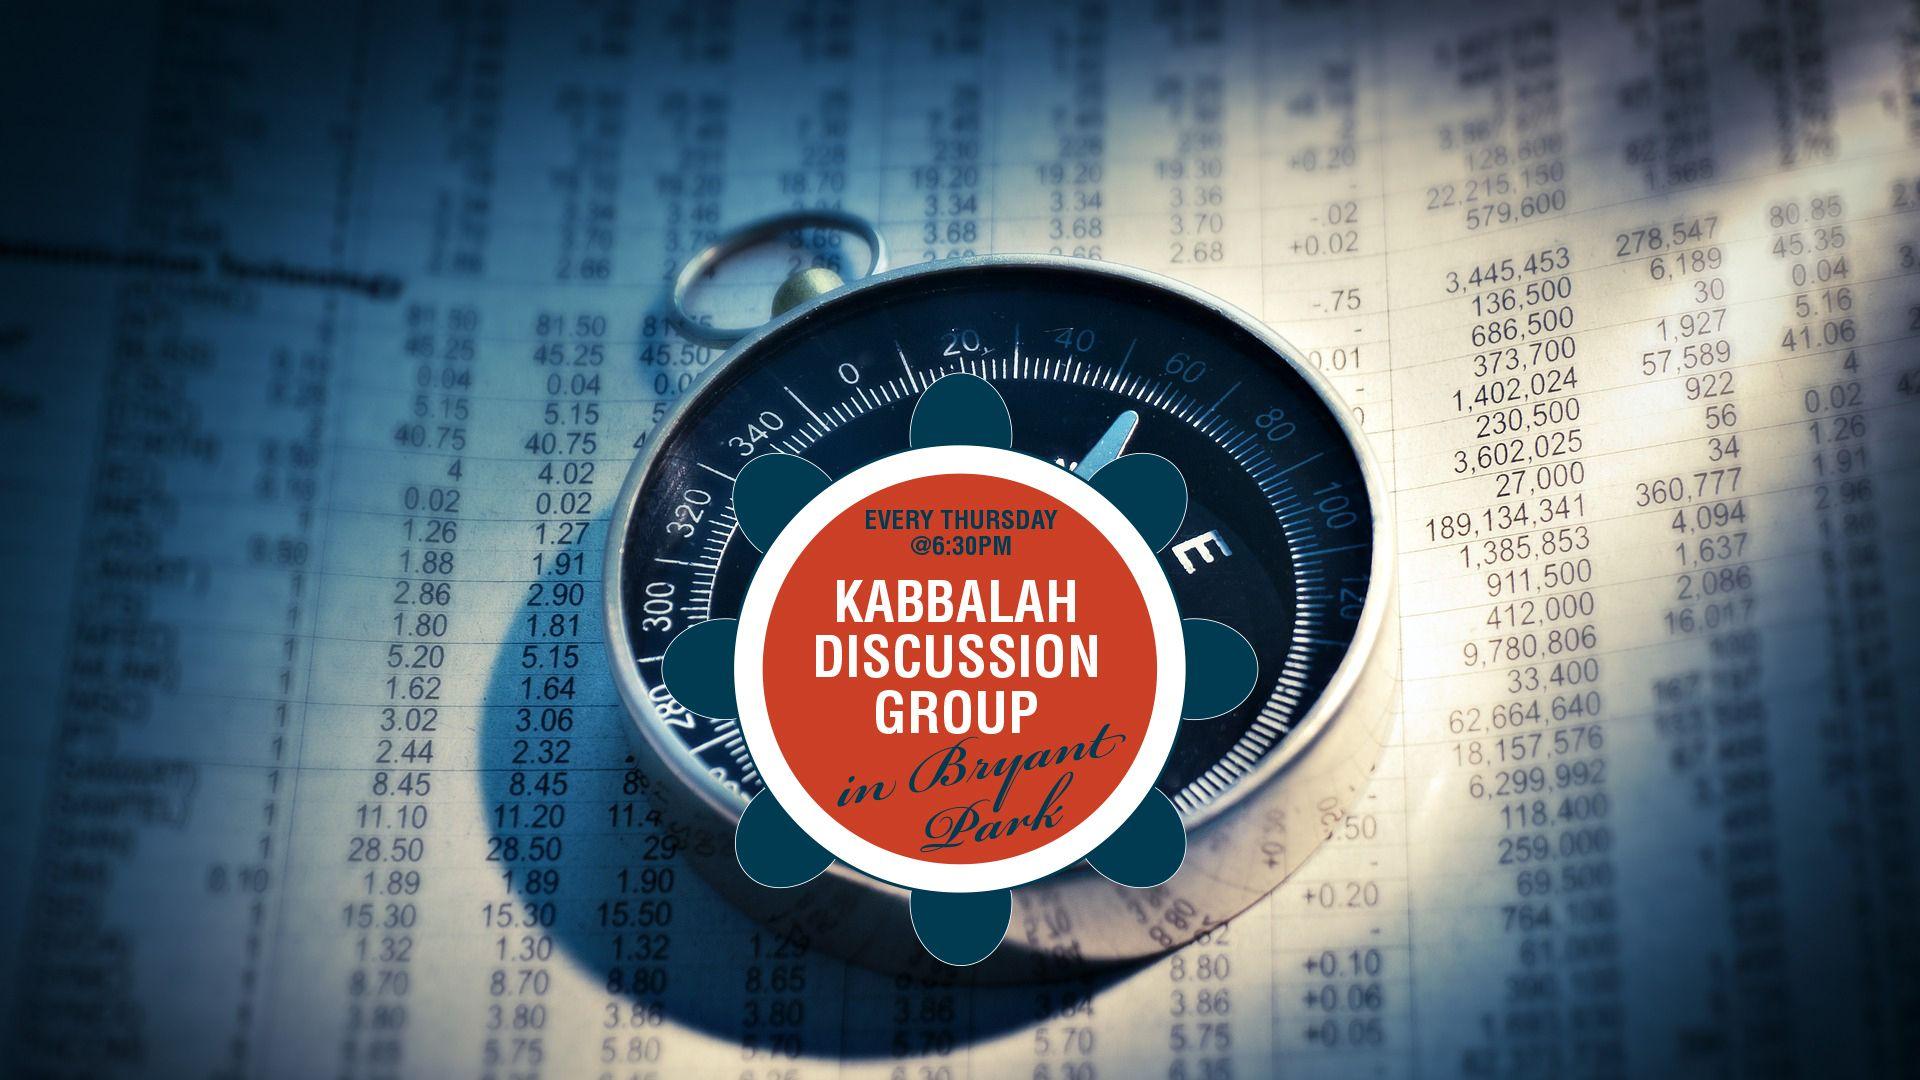 Kabbalah Number 5